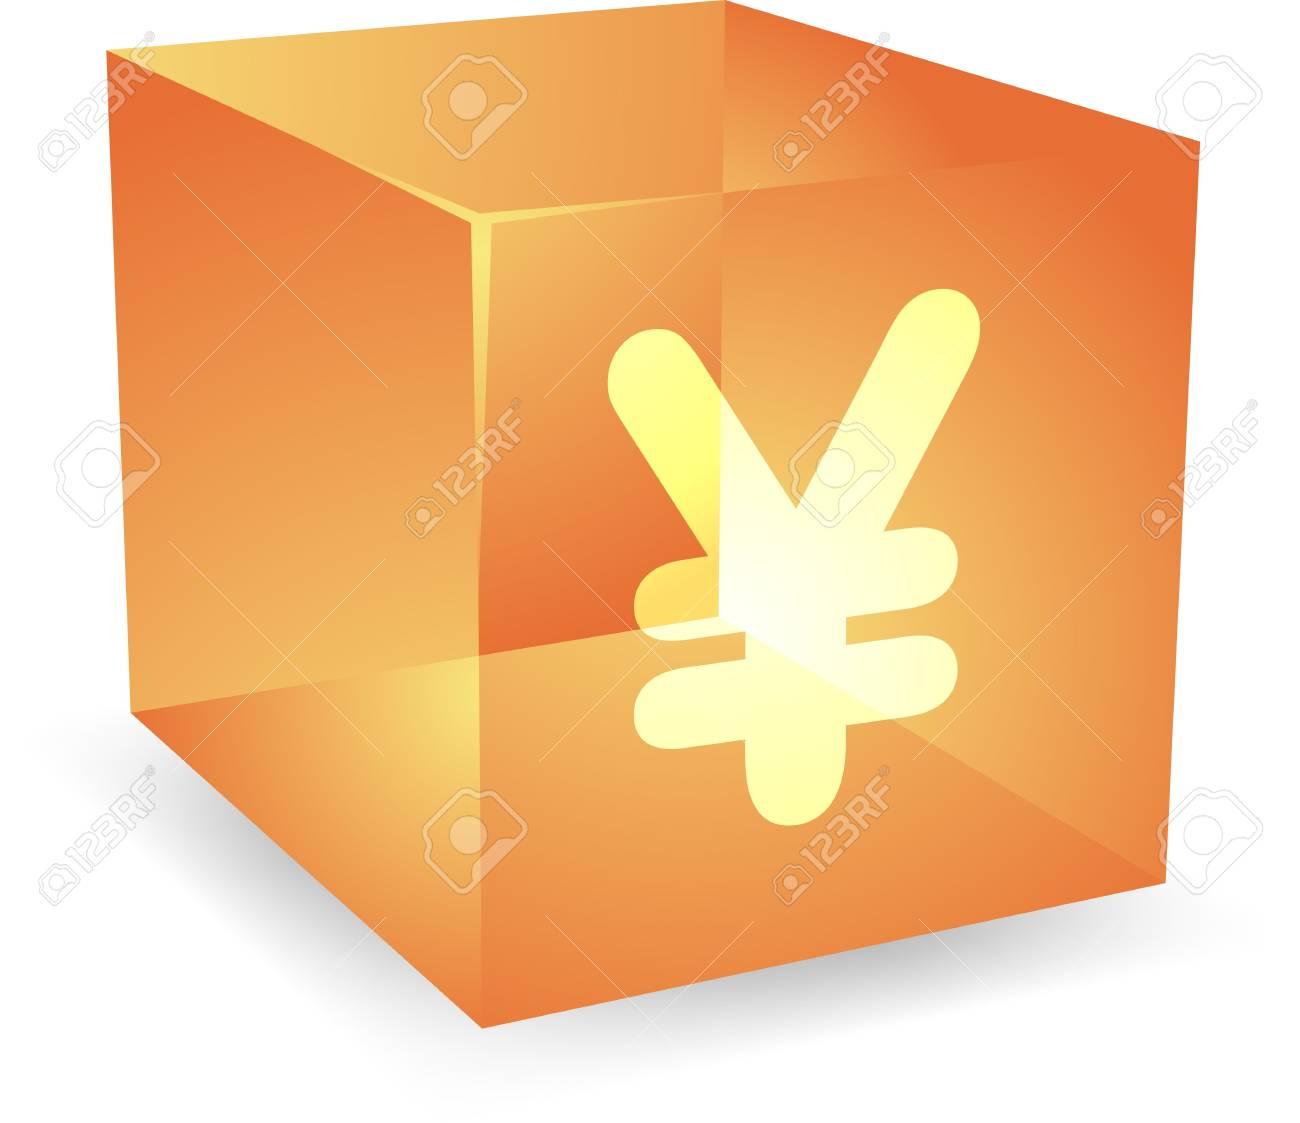 Japanese yen icon on translucent cube shape illustration Stock Illustration - 4698470